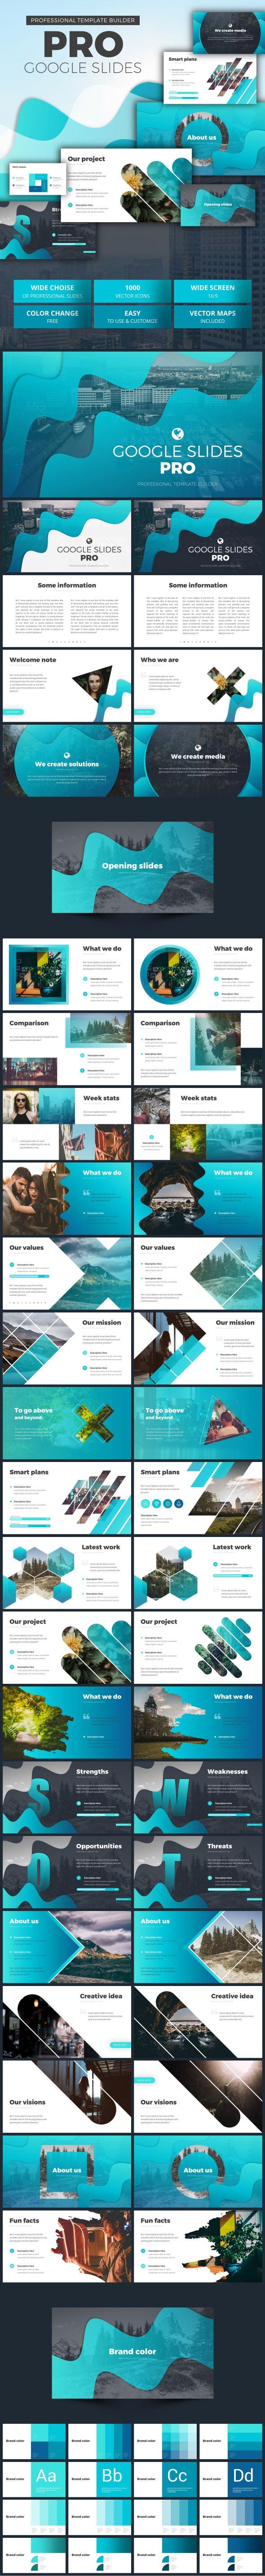 Google Slides Proposal - Google Slides Presentation Templates